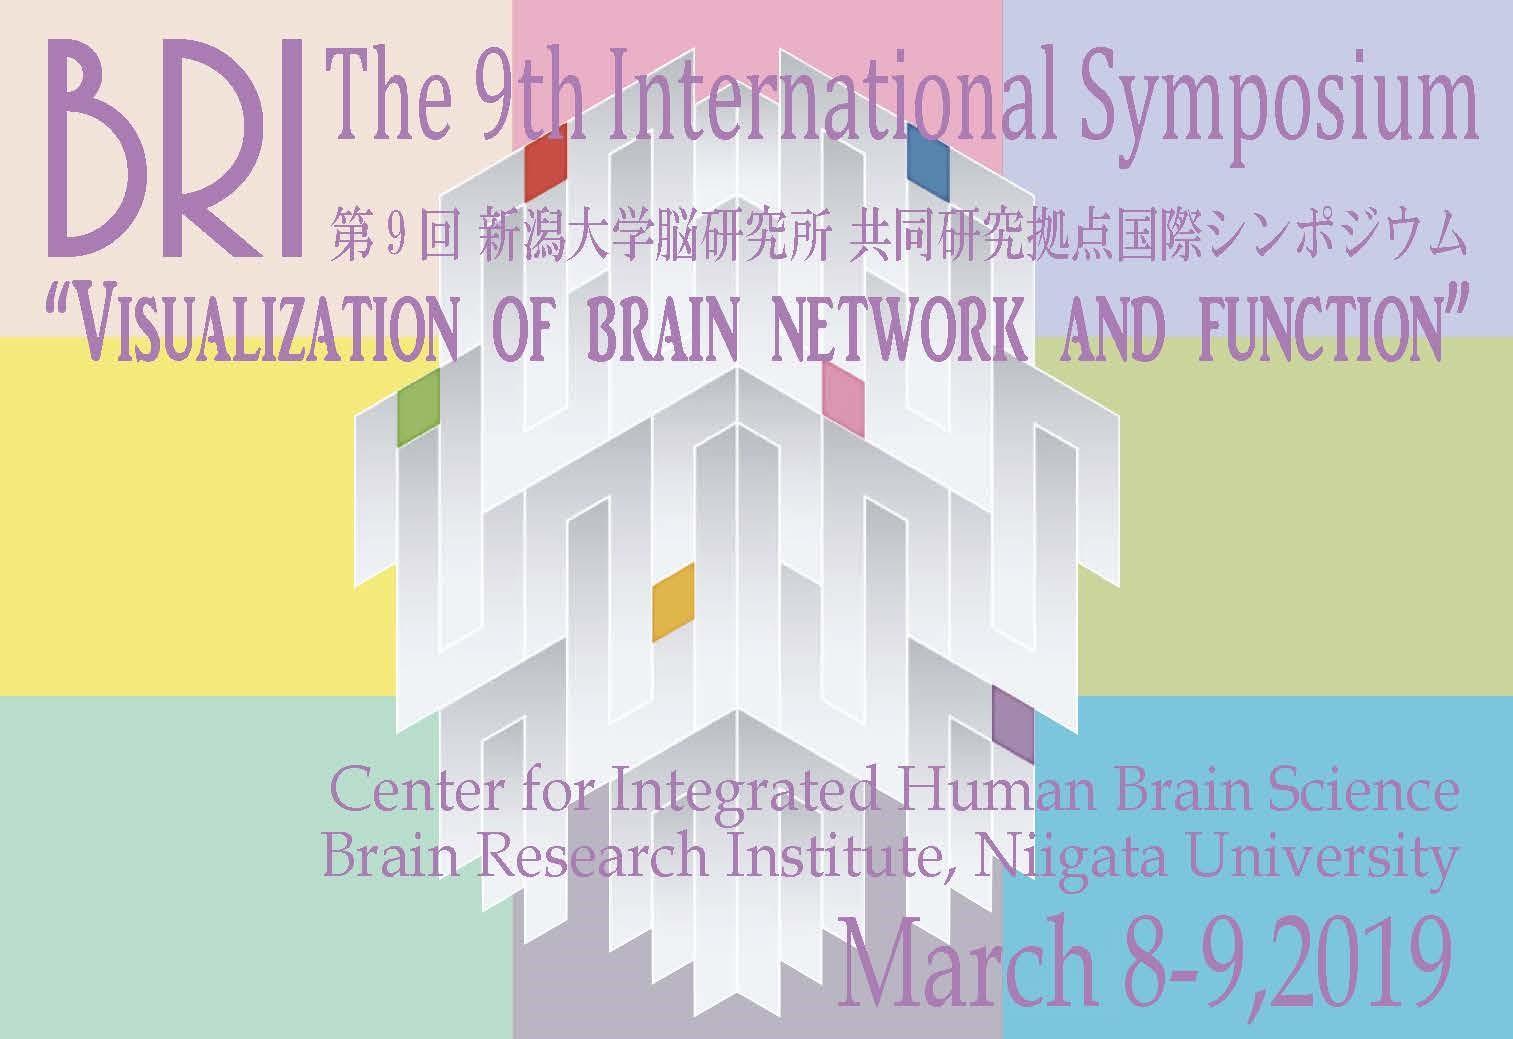 第9回 新潟大学脳研究所共同研究拠点国際シンポジウムを開催いたします